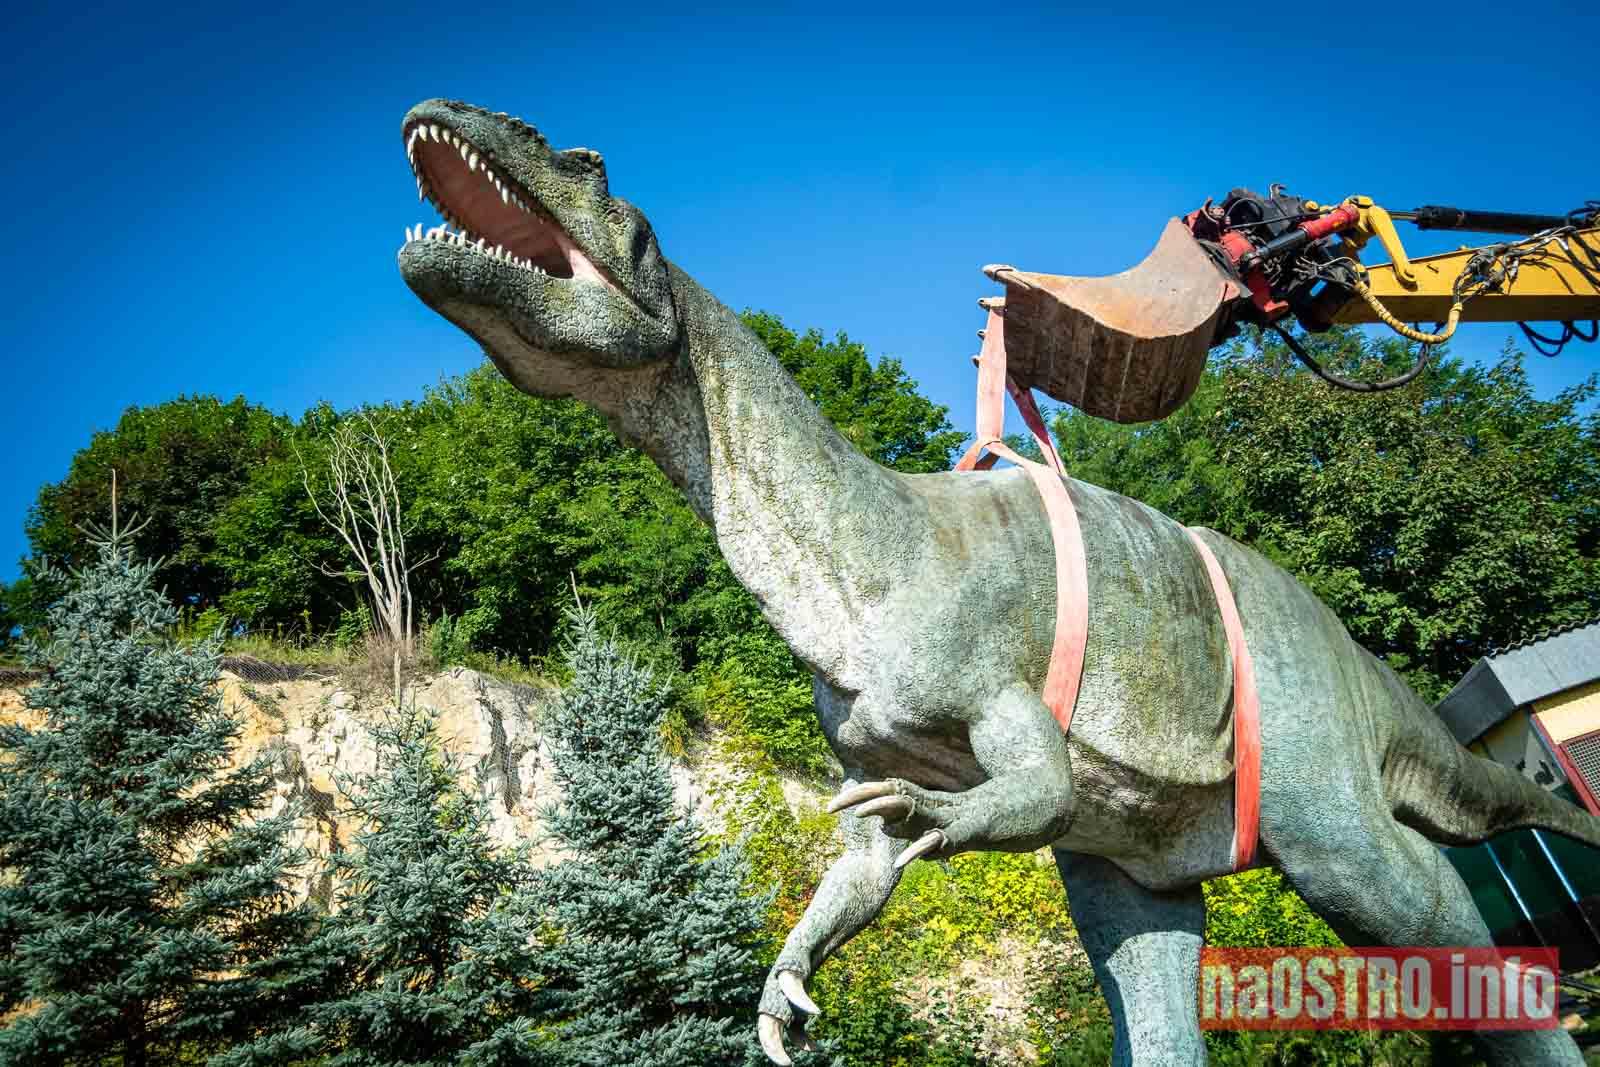 NaOSTROinfo Dinozaur Gerard-27